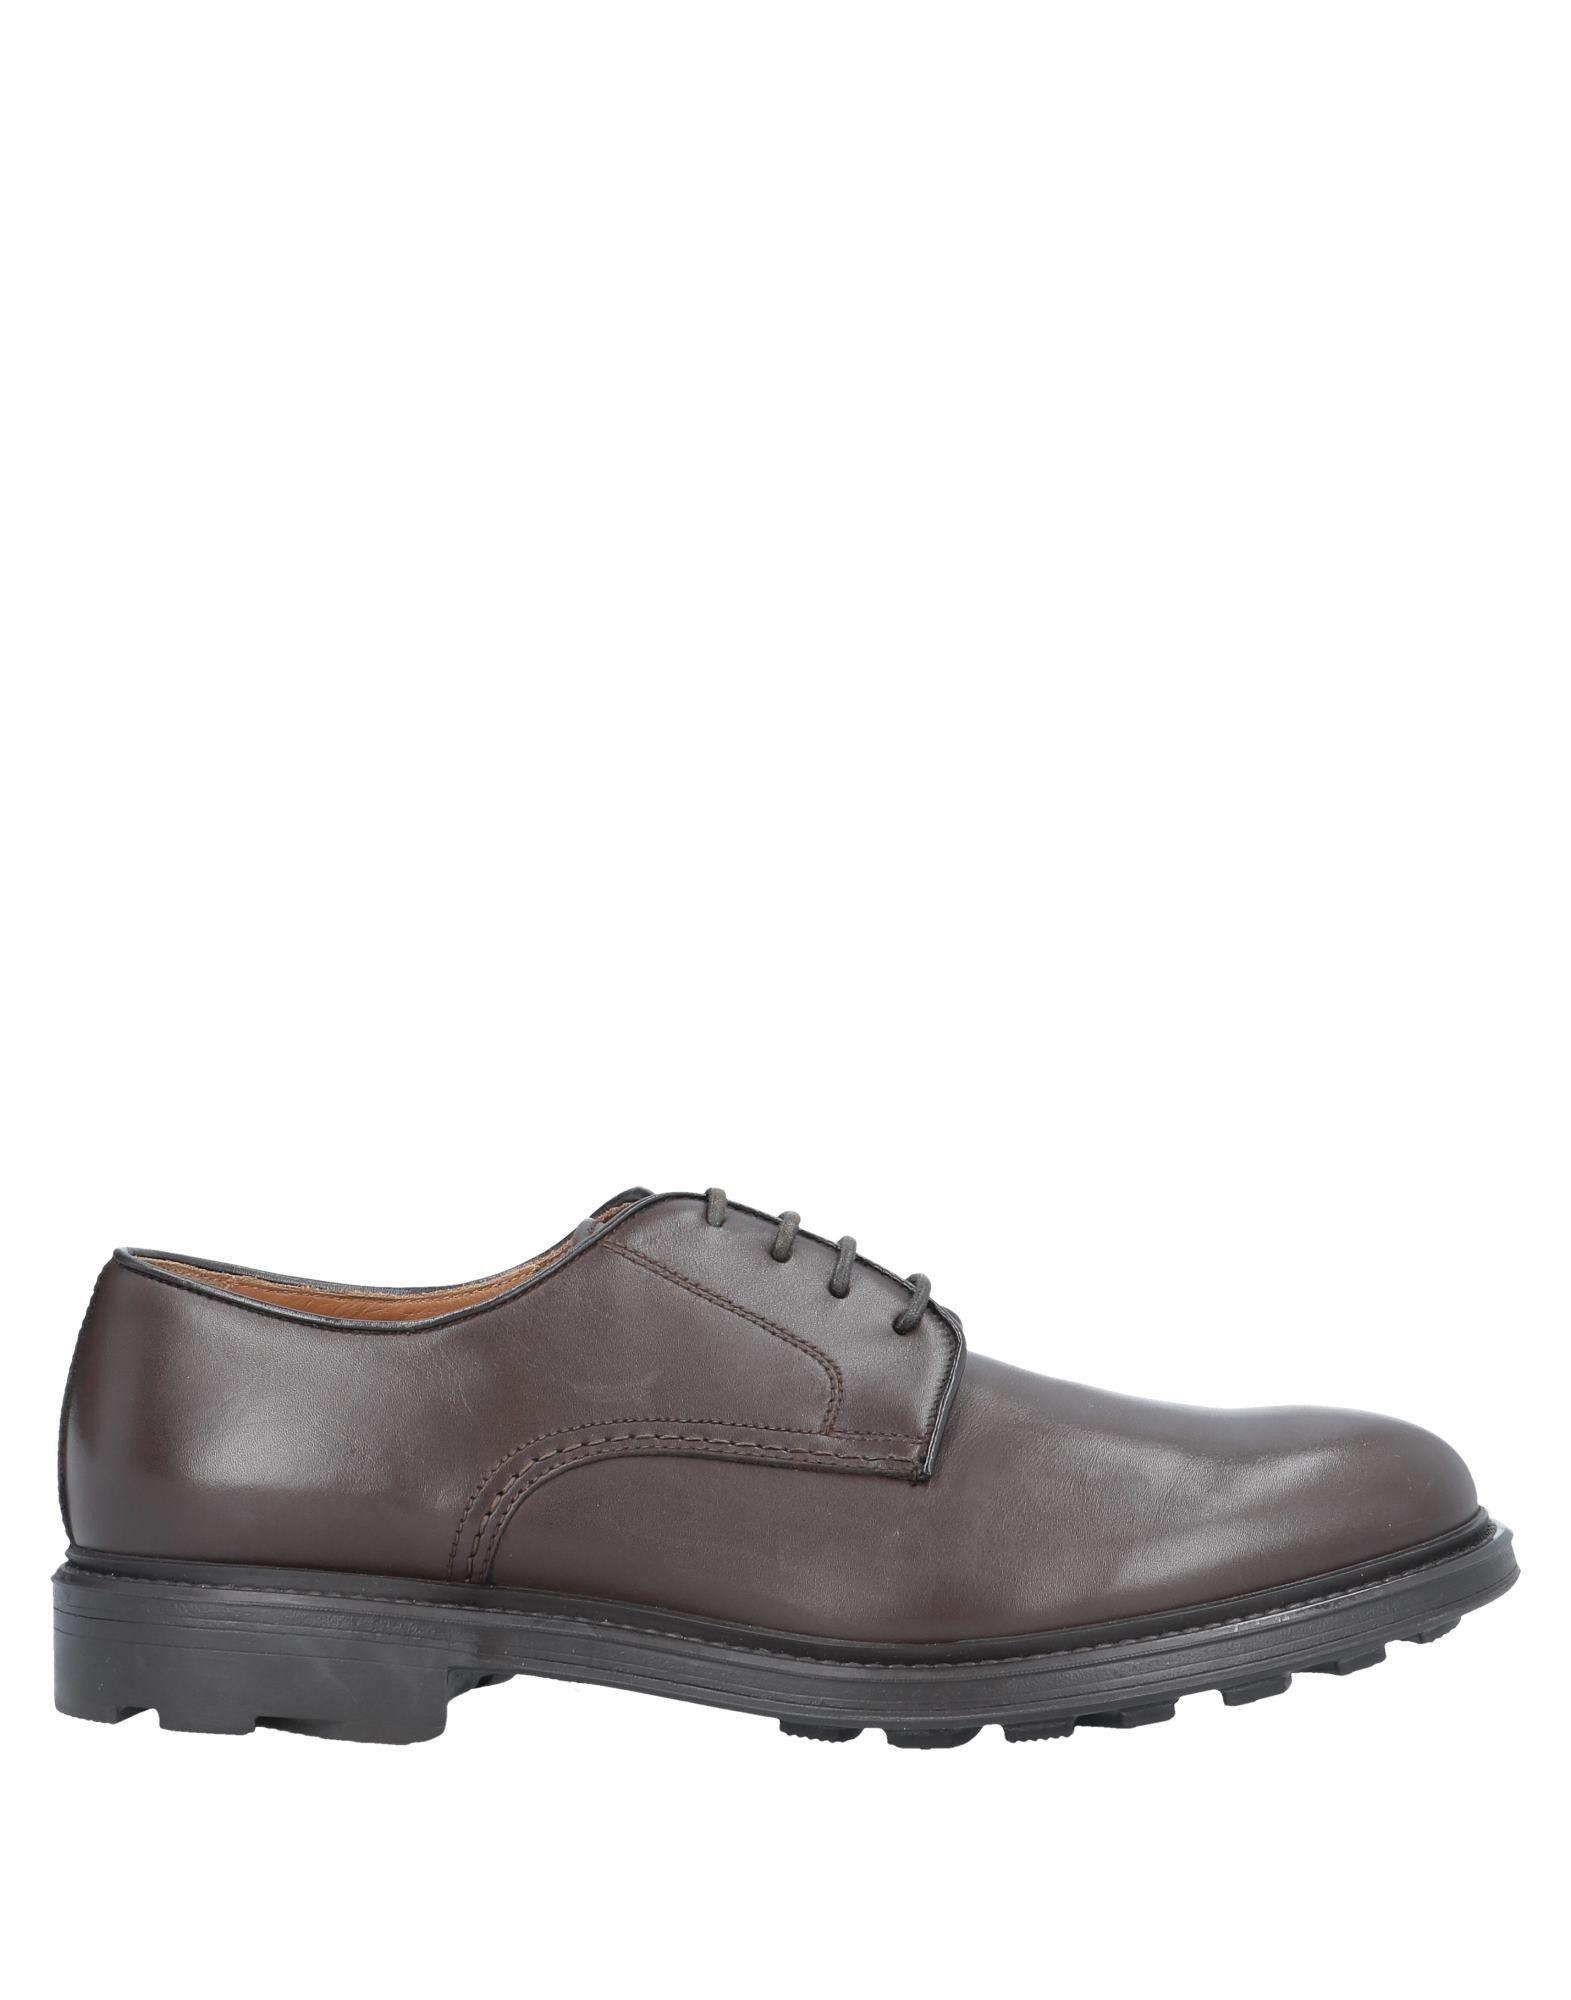 коламбия обувь официальный сайт